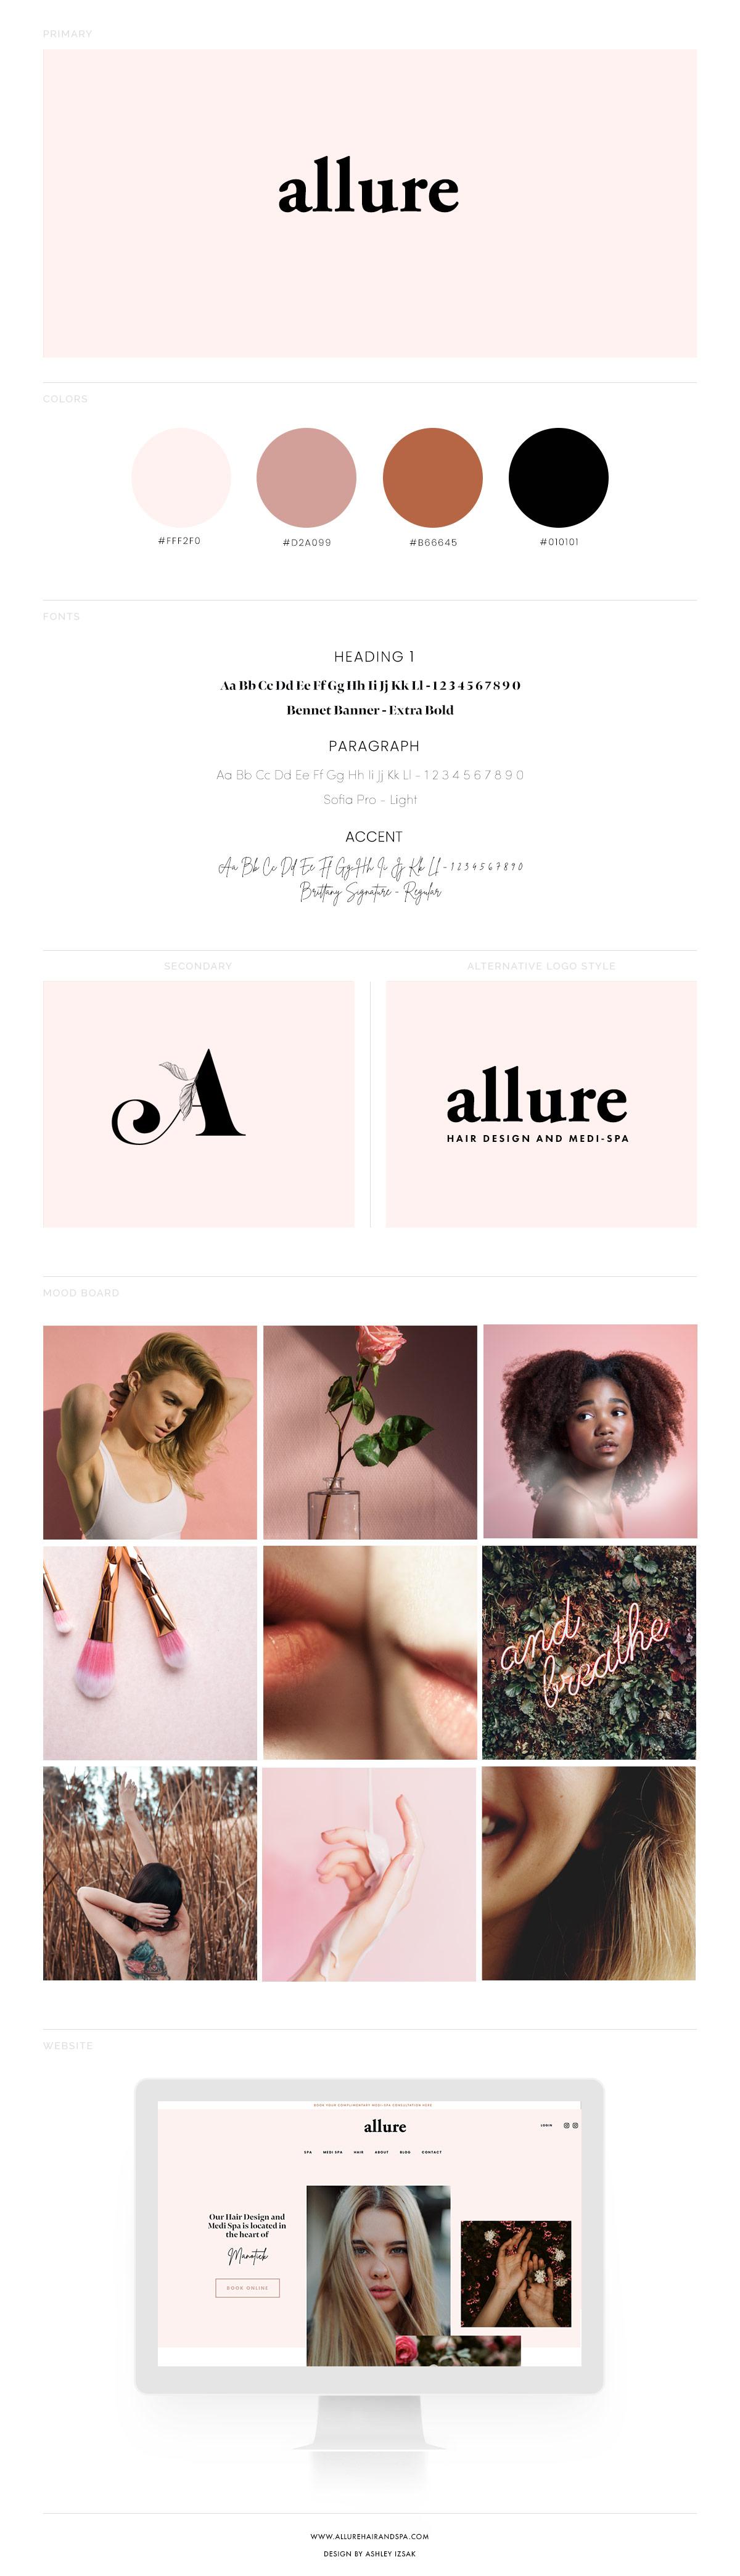 Allure-Brand-Board-Final-by-Ashley-Izsak.jpg